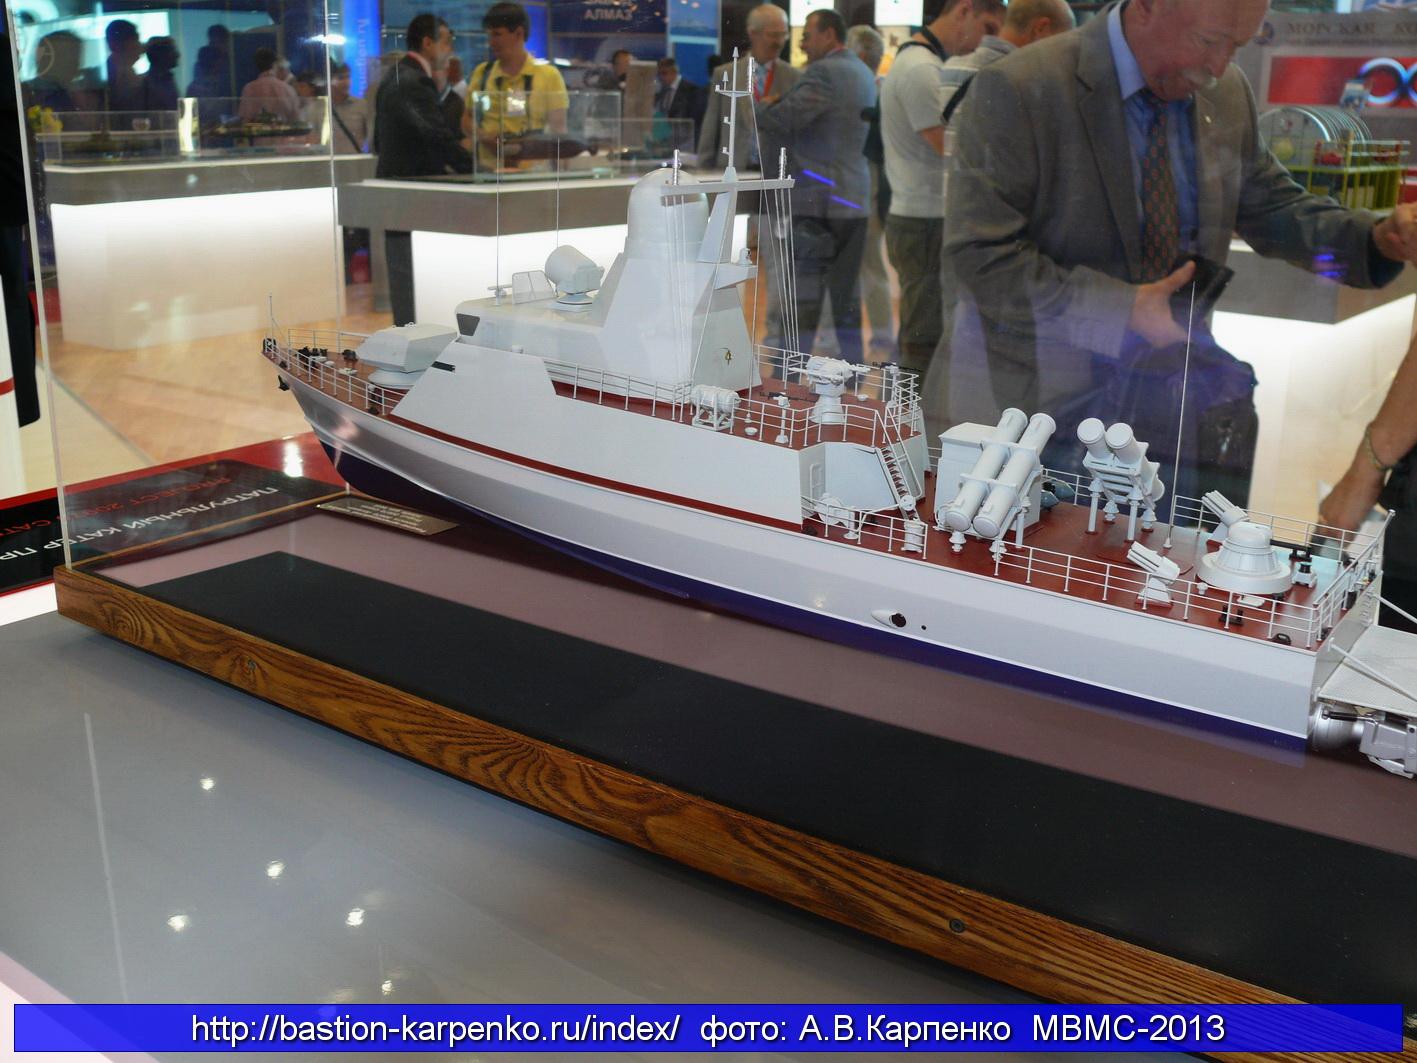 زوارق الصواريخ من الاتحاد السوفيتي وحتي روسيا الاتحادية MVMS-2013_120